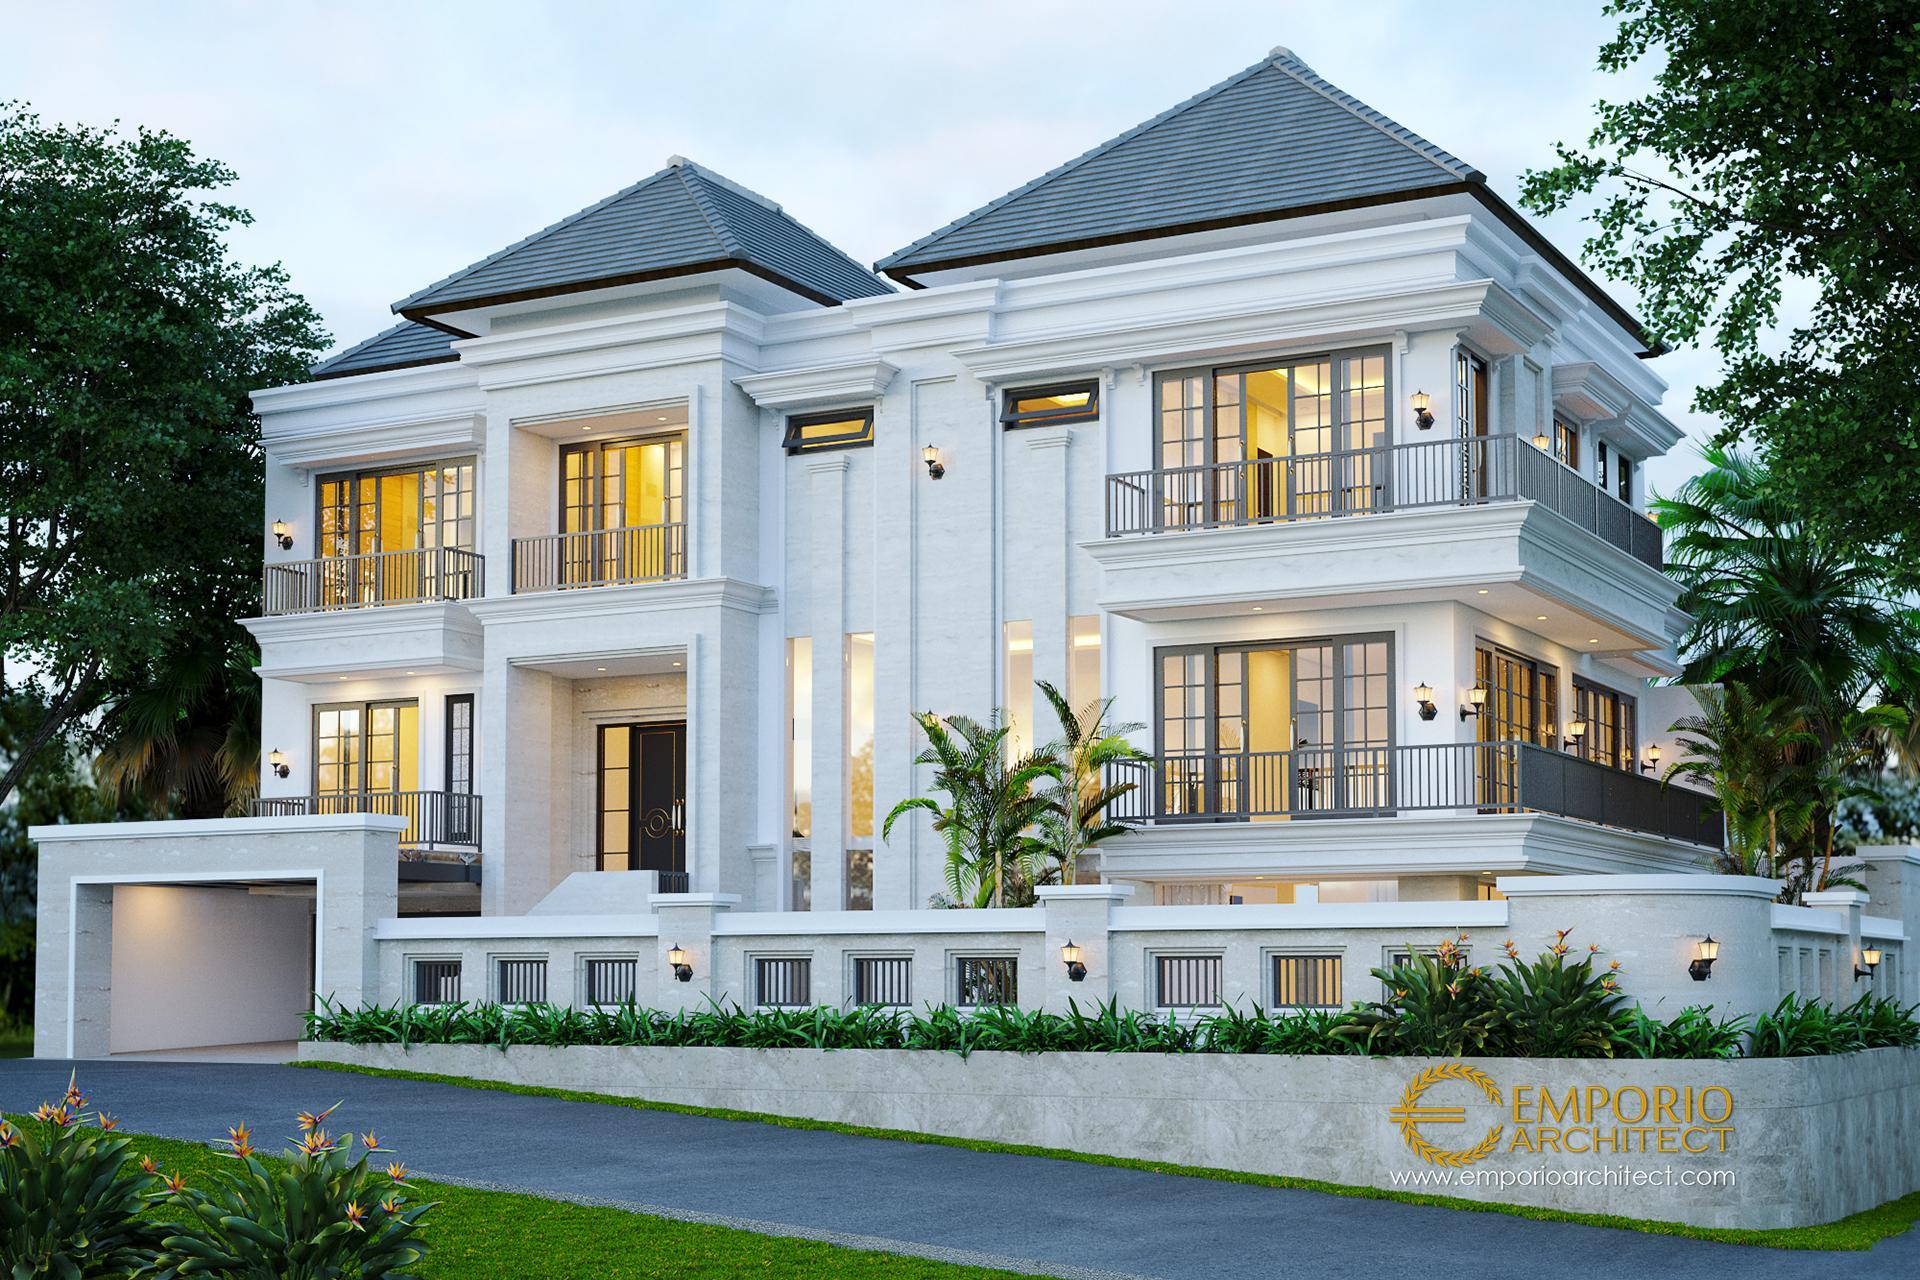 Desain Rumah Hook Classic 3 Lantai Ibu Chrislie di  Surabaya